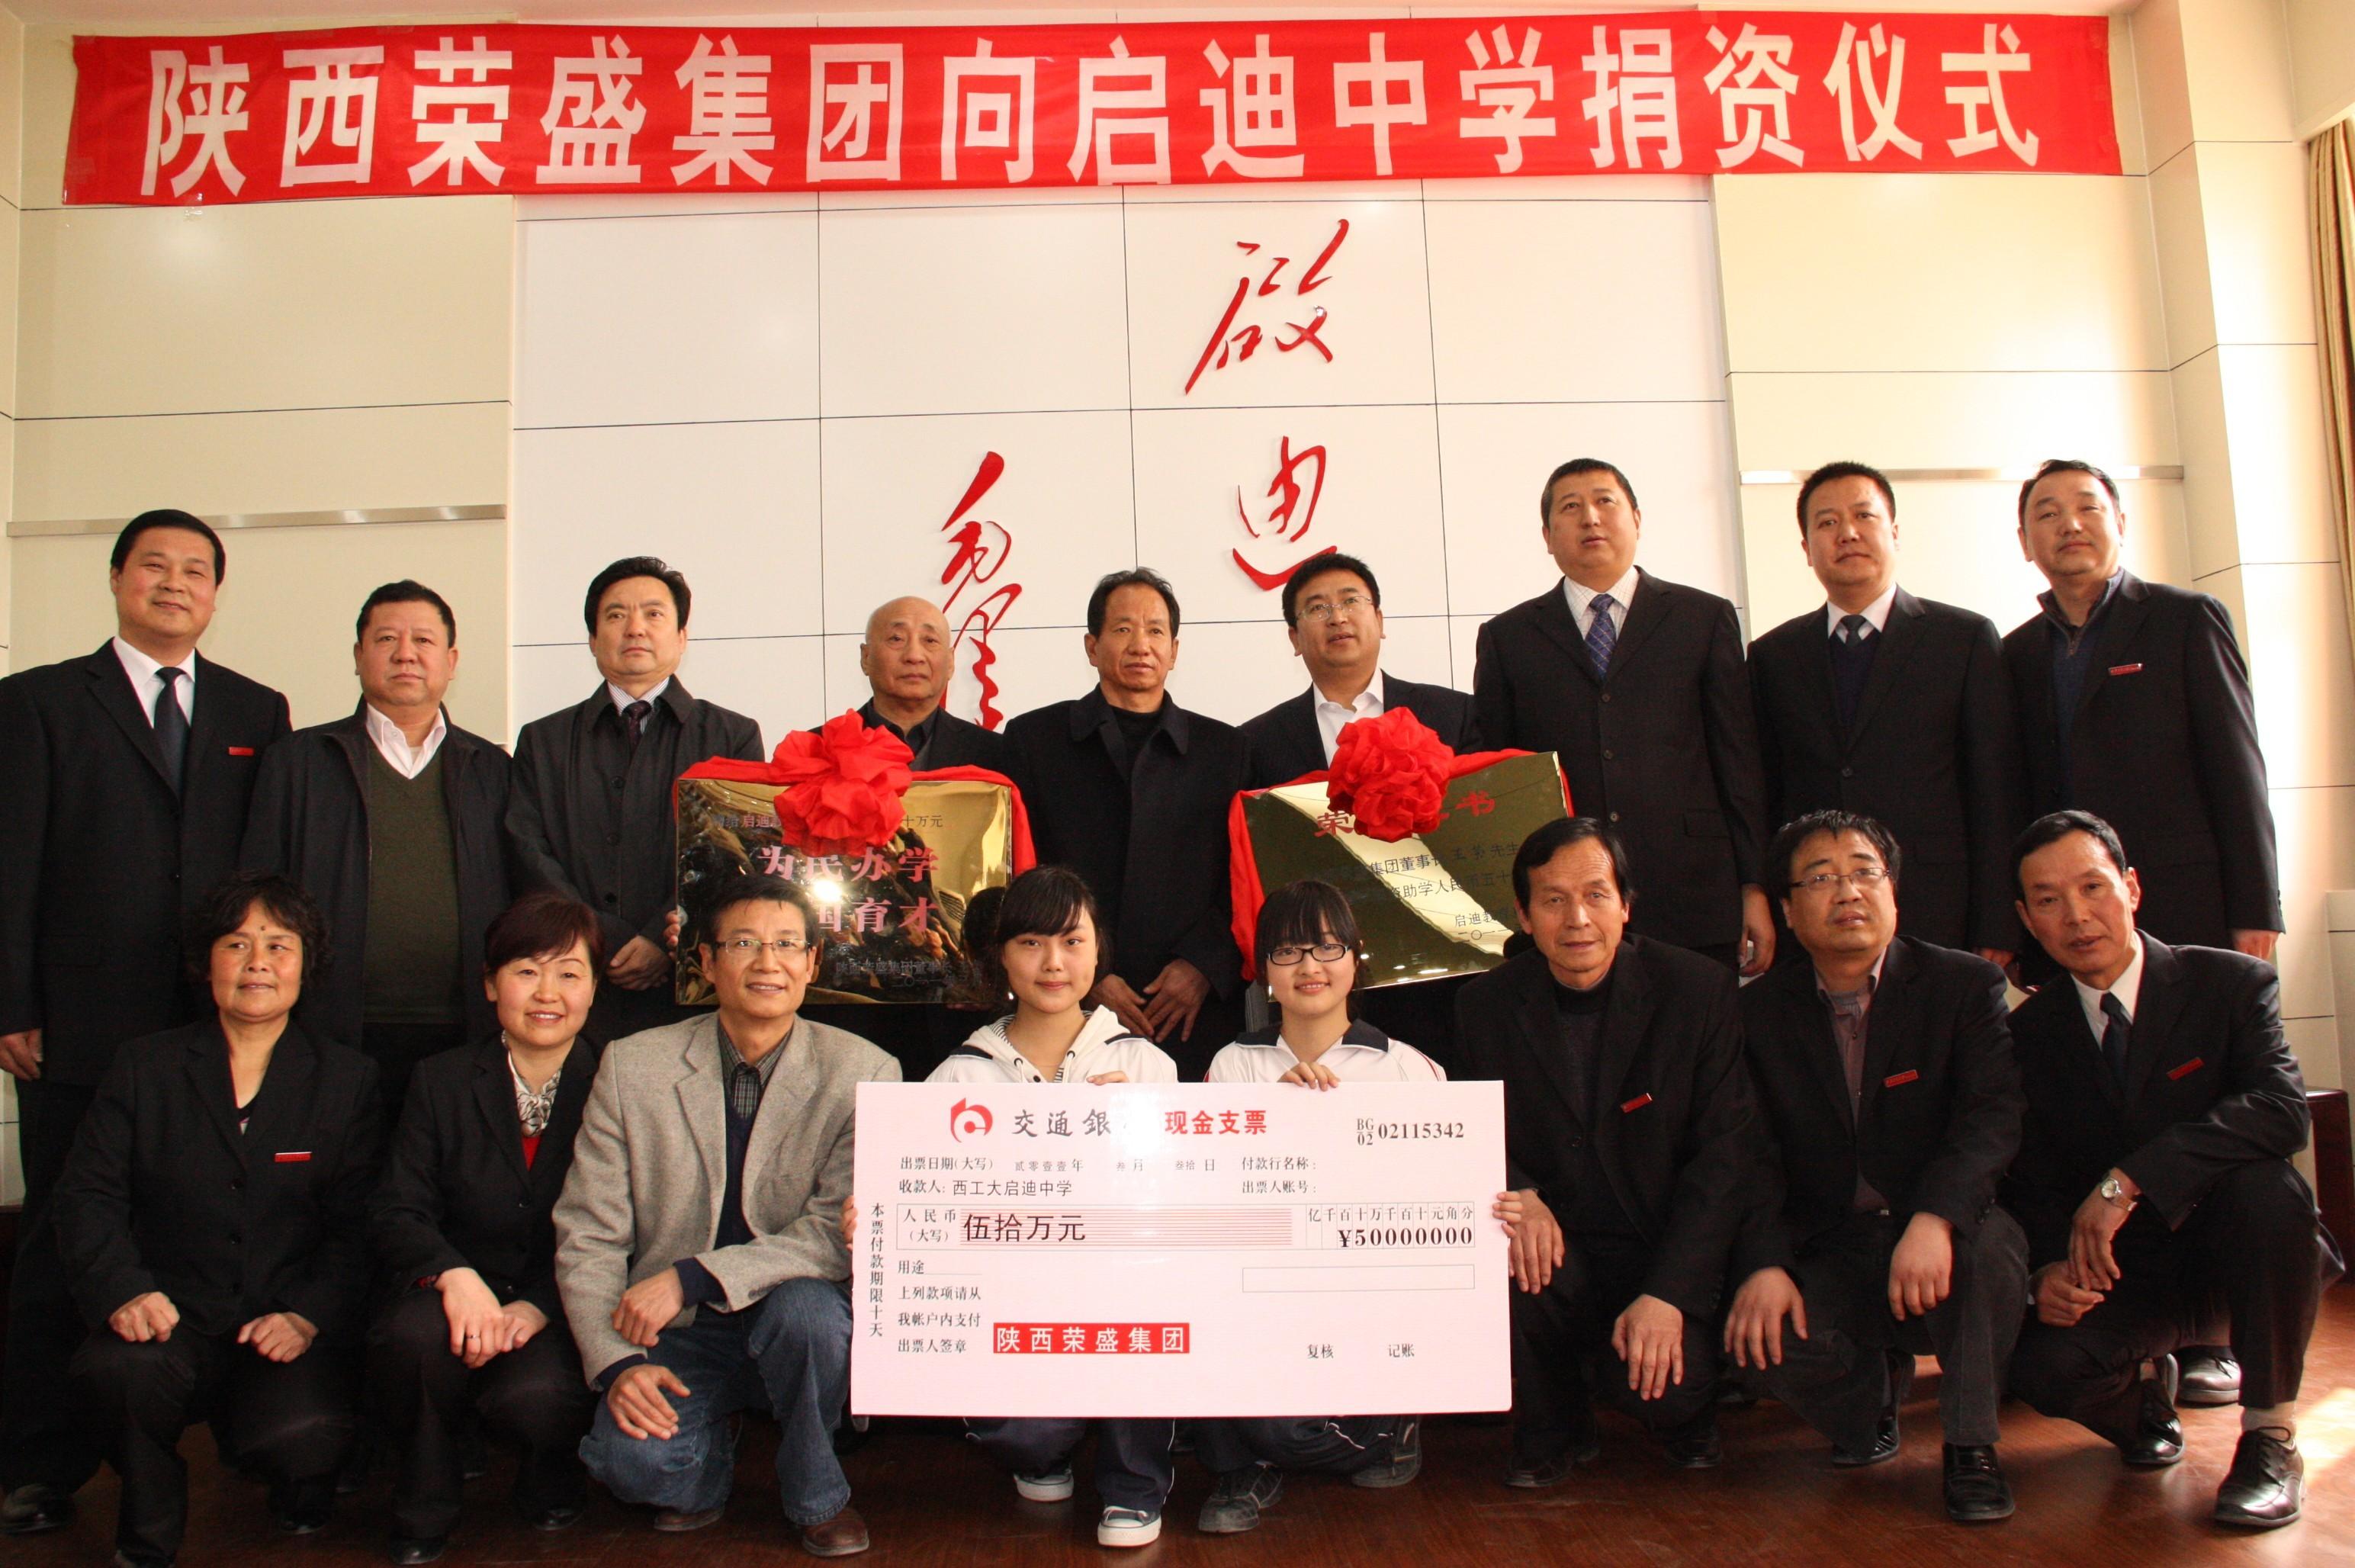 陕西荣盛集团向西工大启迪中学捐赠50万元 -蓝溪控股